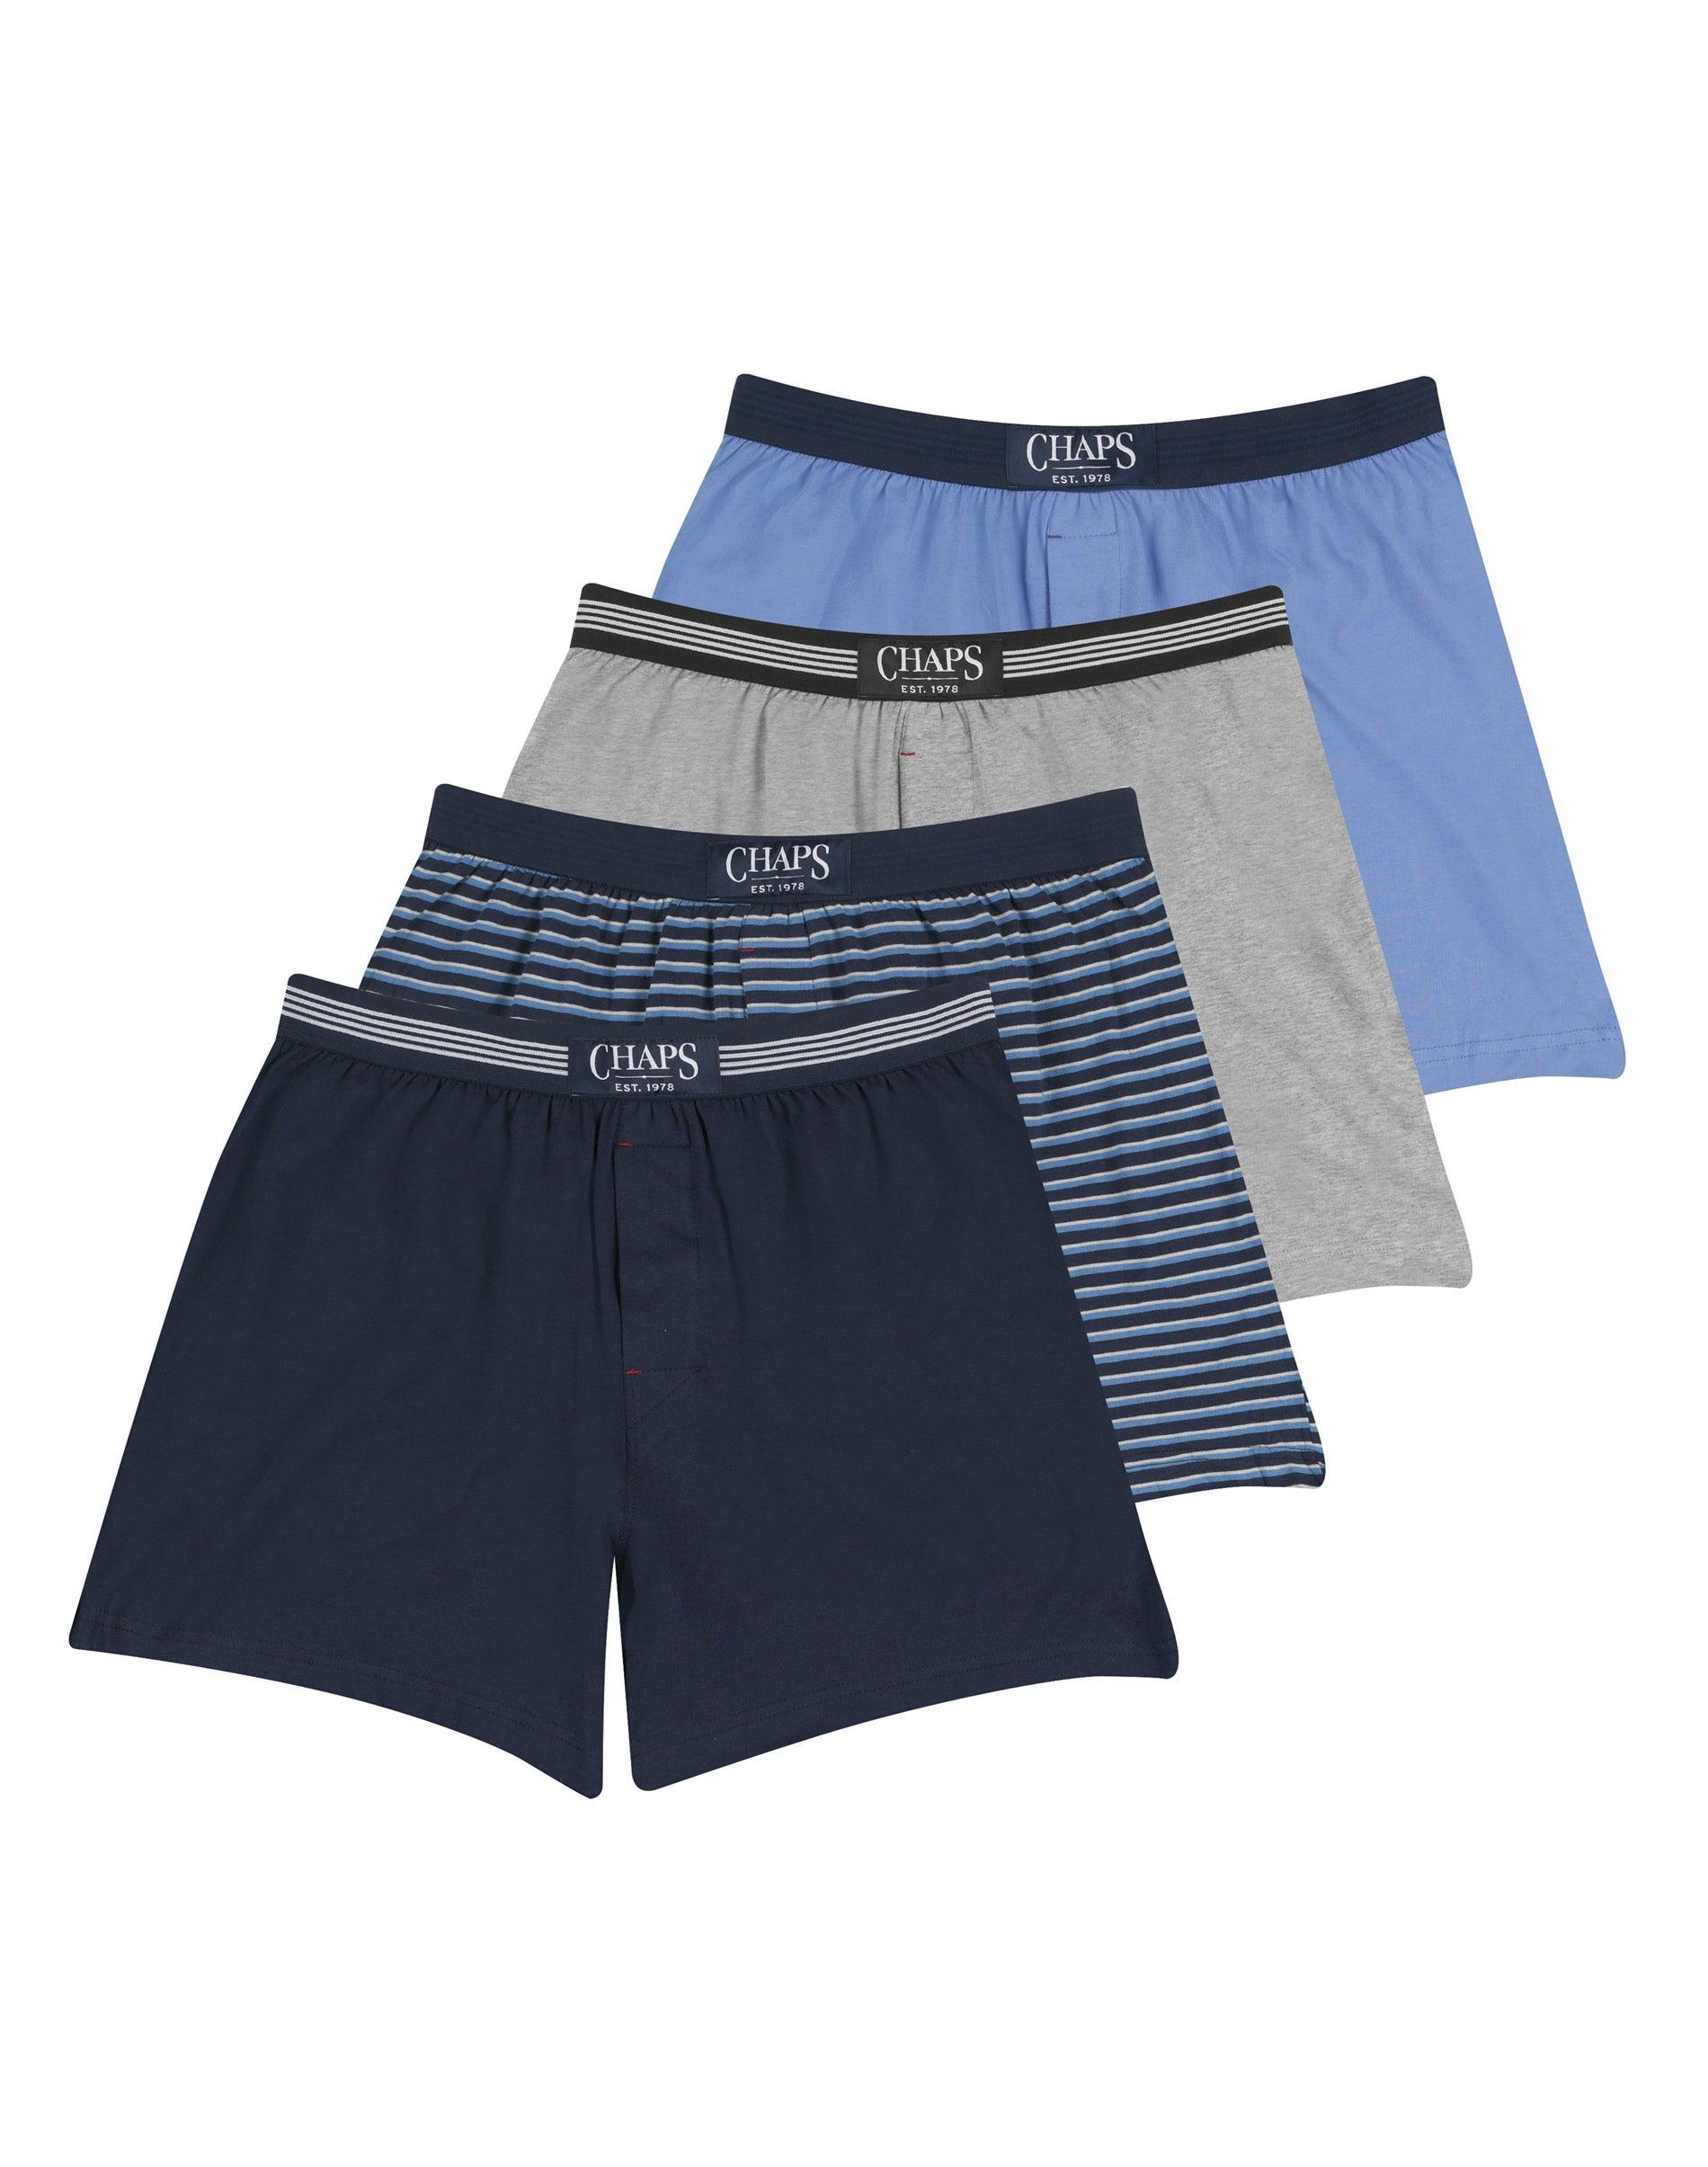 Chaps Underwear Mens Brief Briefs